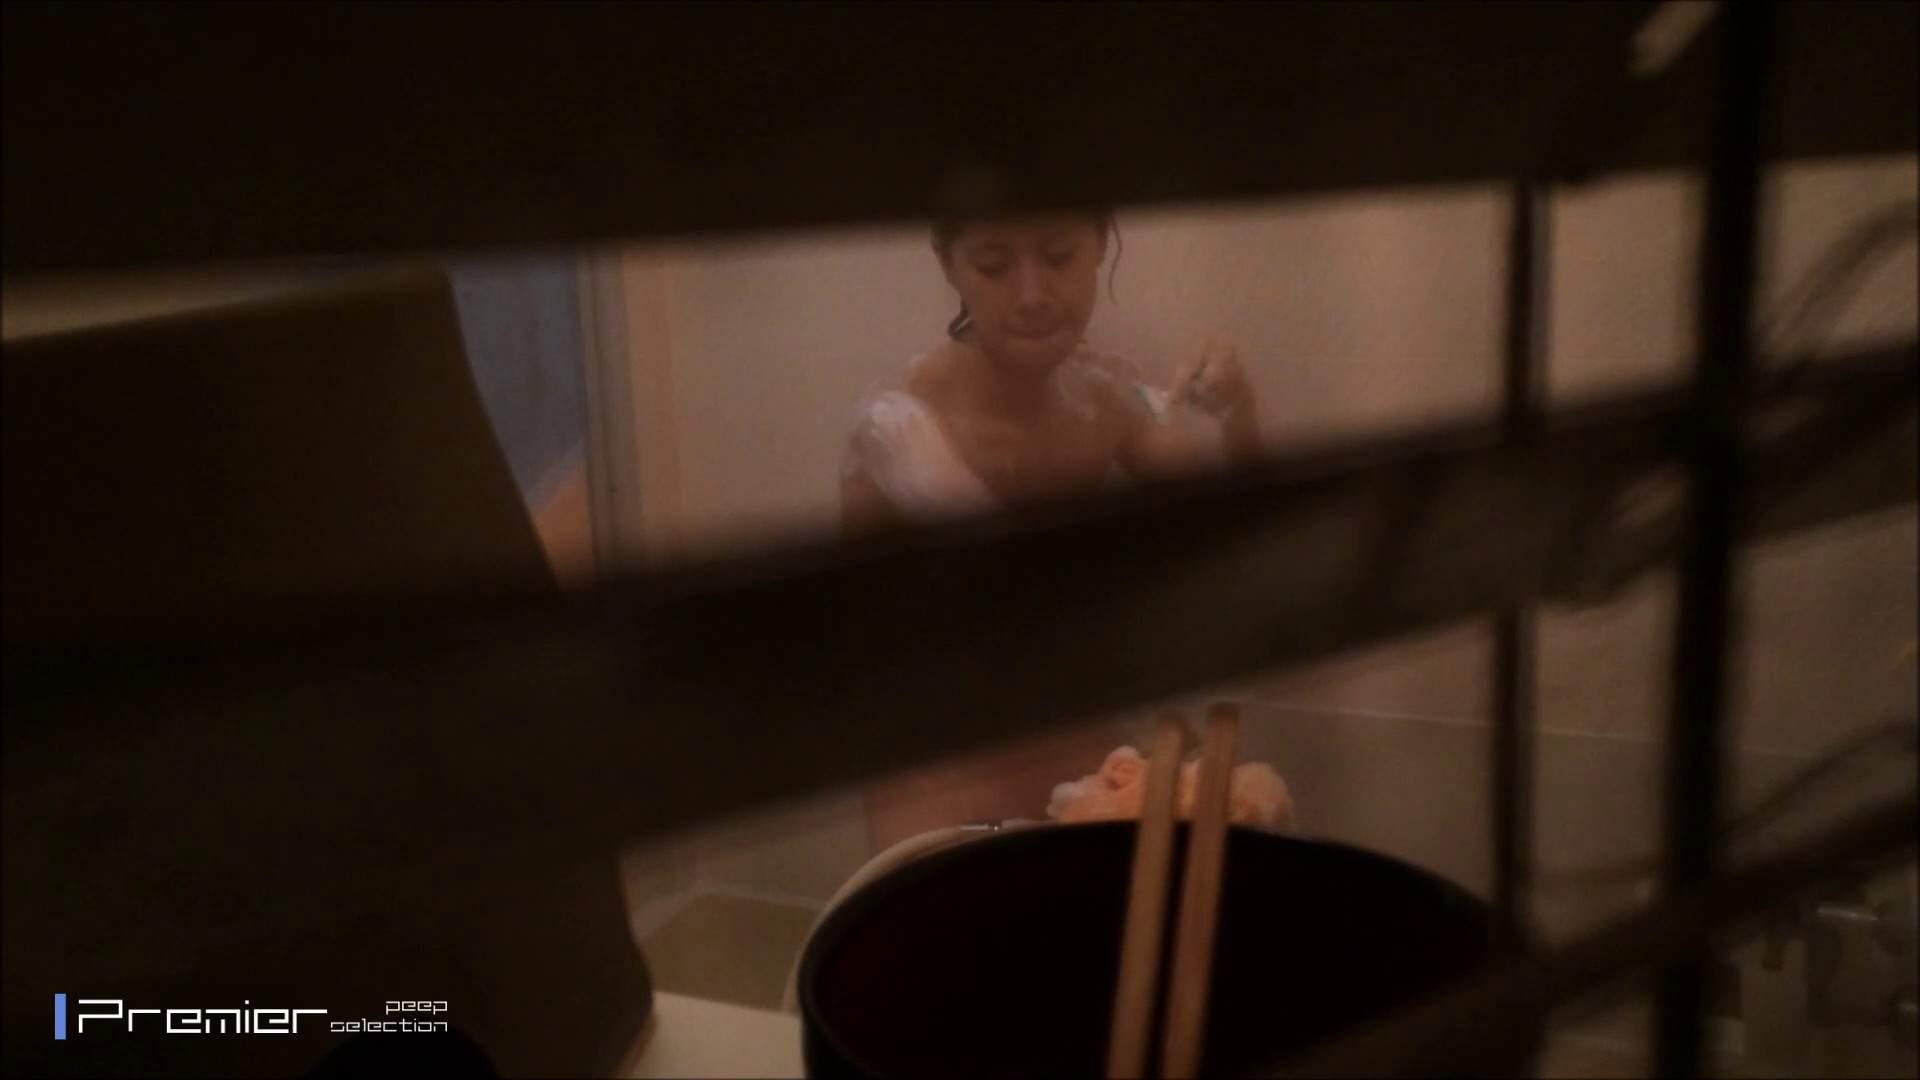 高画質フルハイビジョン スレンダー美女の入浴 乙女の風呂場 Vol.04 美肌 オマンコ無修正動画無料 40画像 34